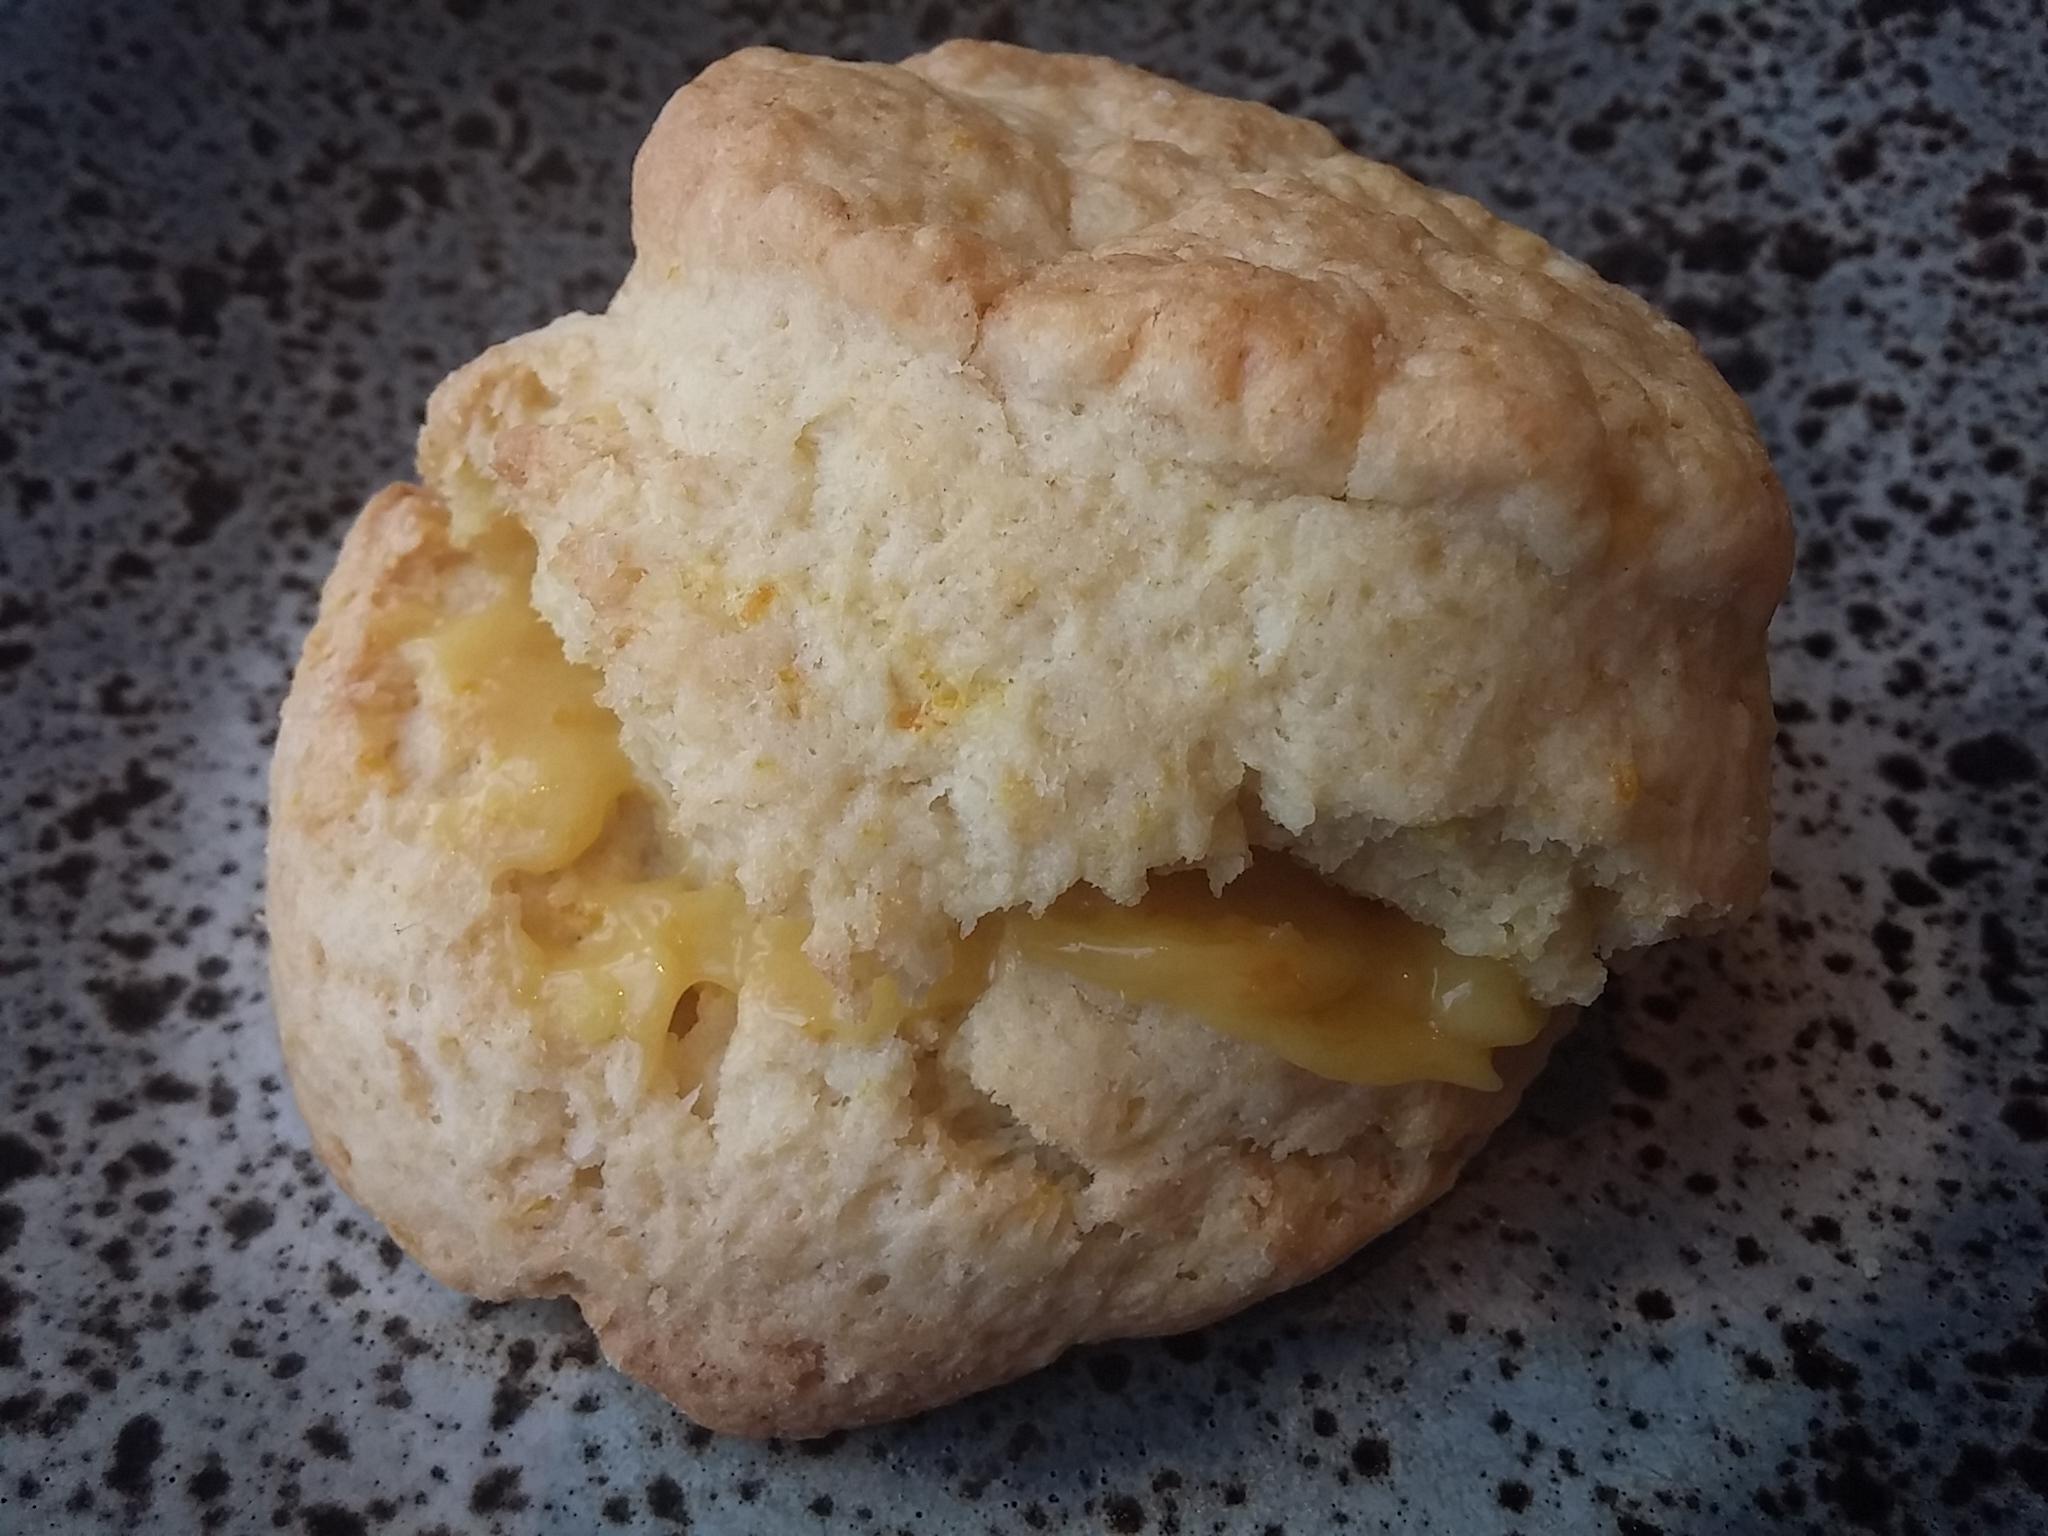 Orange blossom scone, orange curd